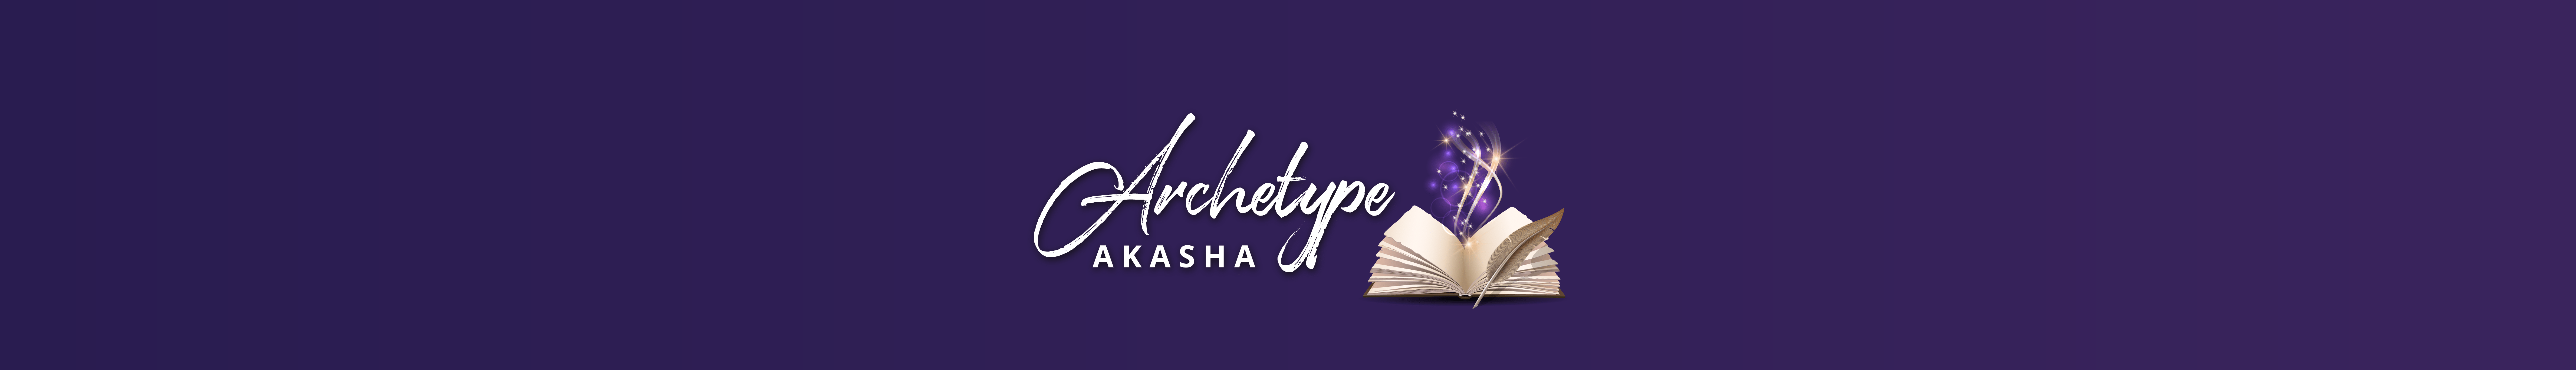 heading_ArchetypeAkasha